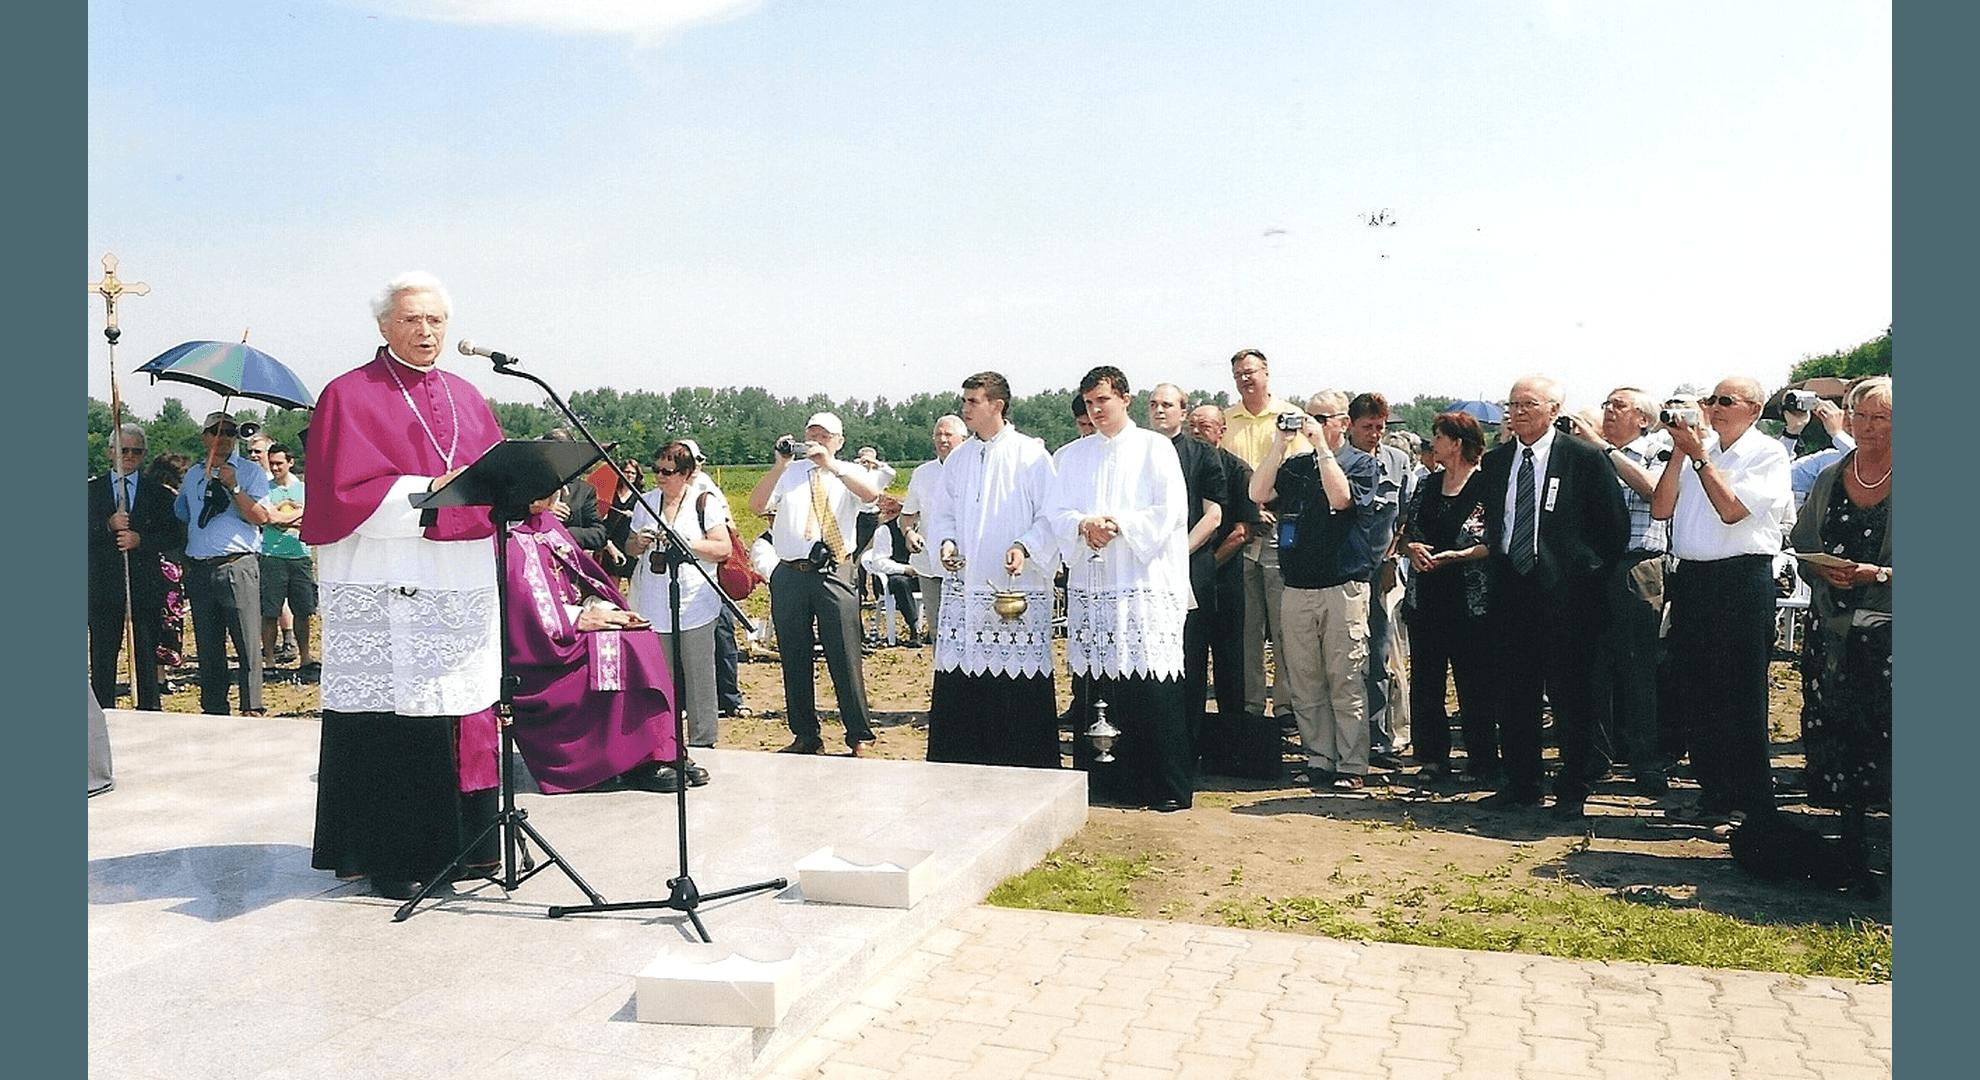 Prälat Josef Eichinger aus St. Pölten bei der Gedenkrede. Foto: Archiv Freundeskreis Filipowa